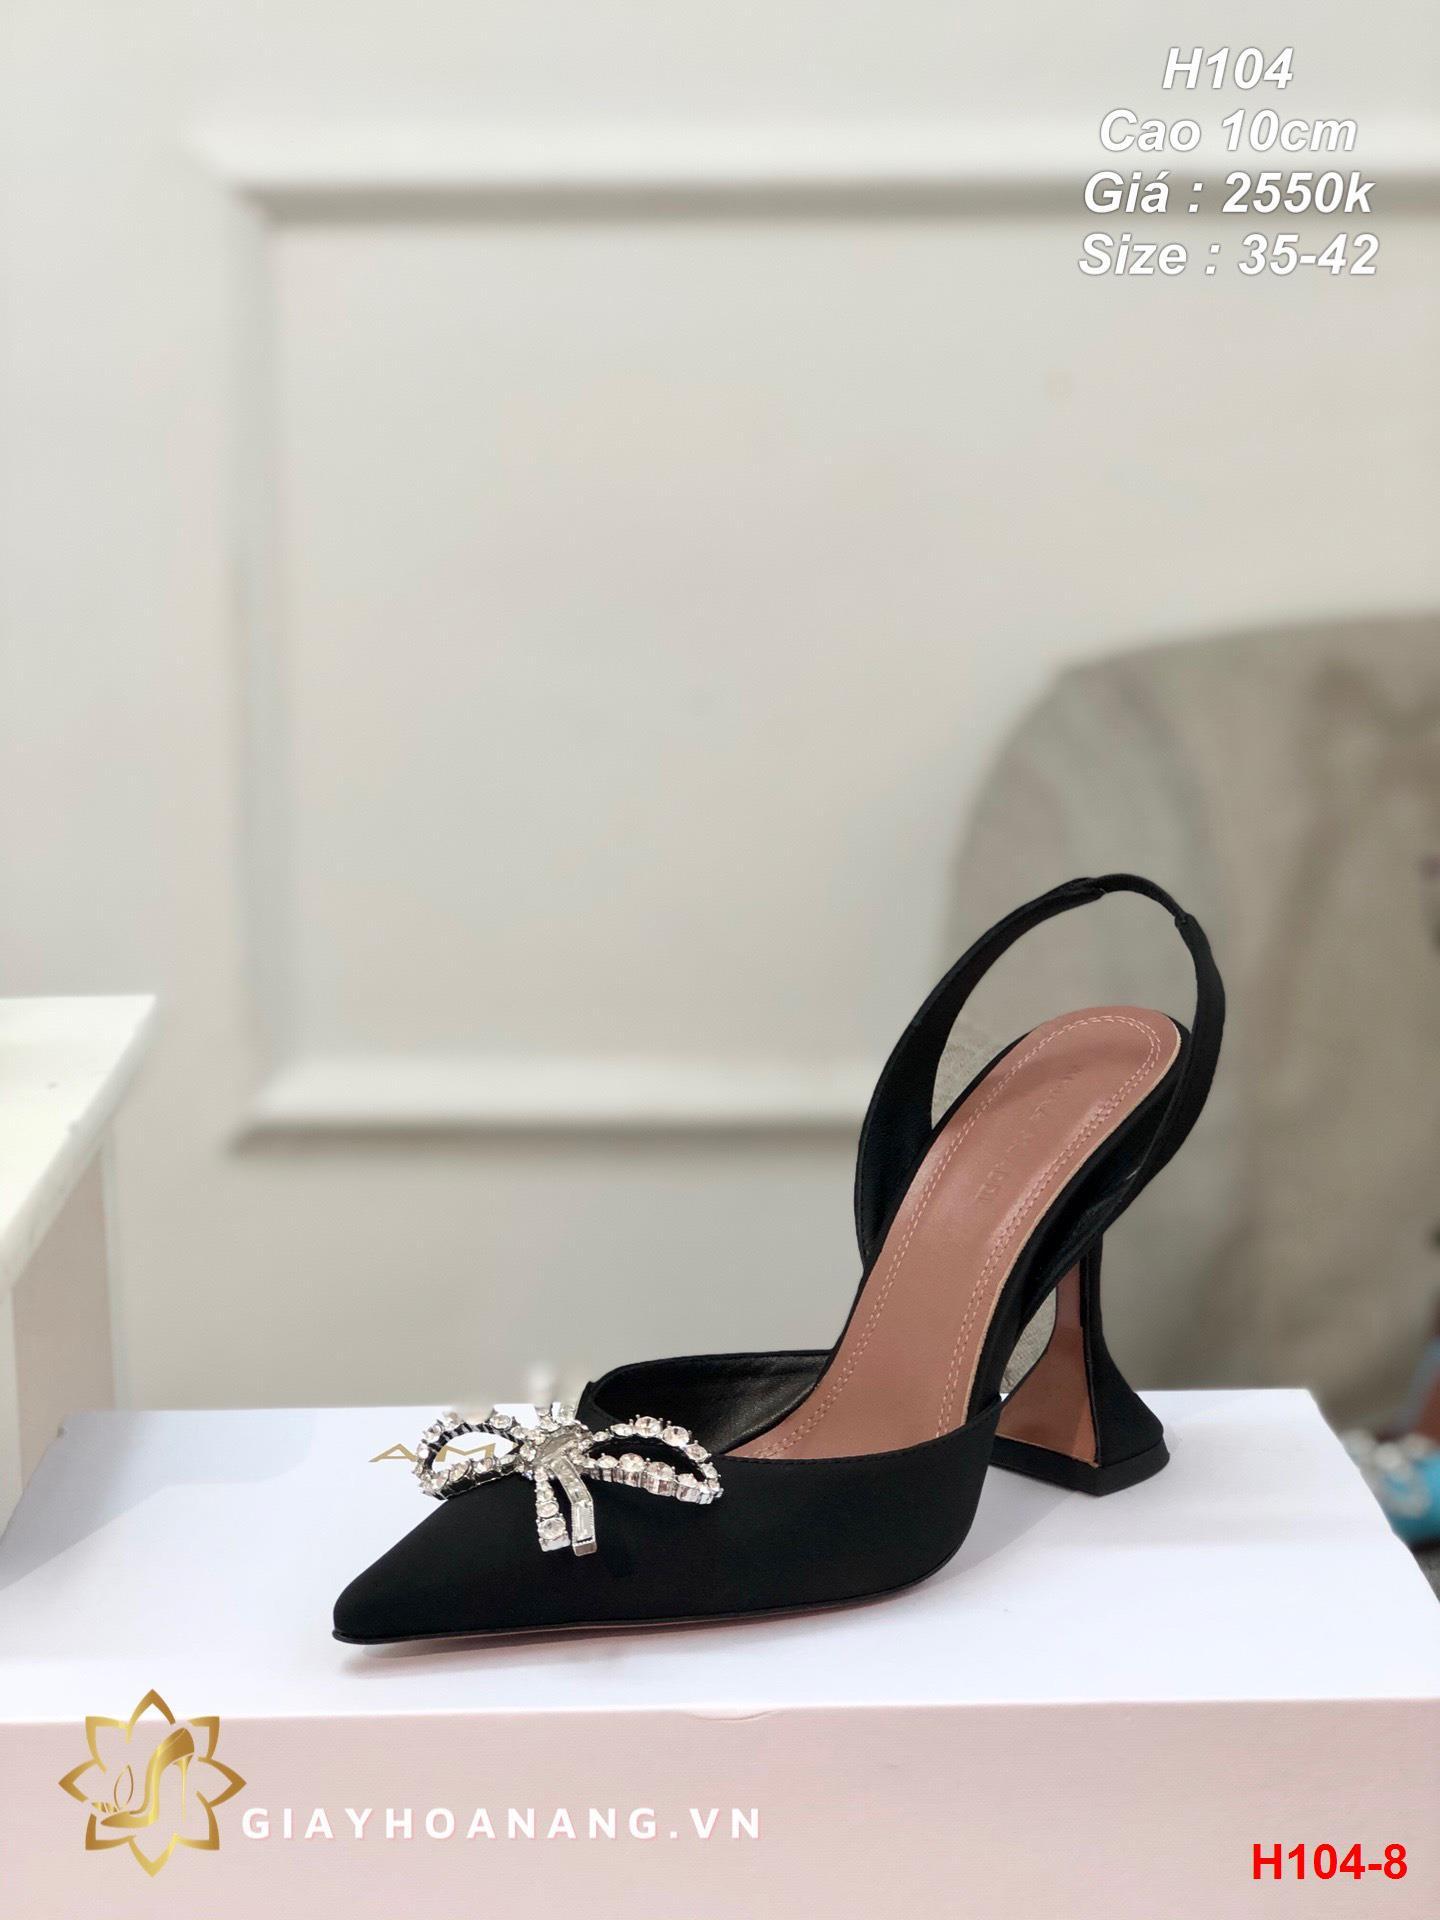 H104-8 Amina Muaddi sandal cao 10cm siêu cấp